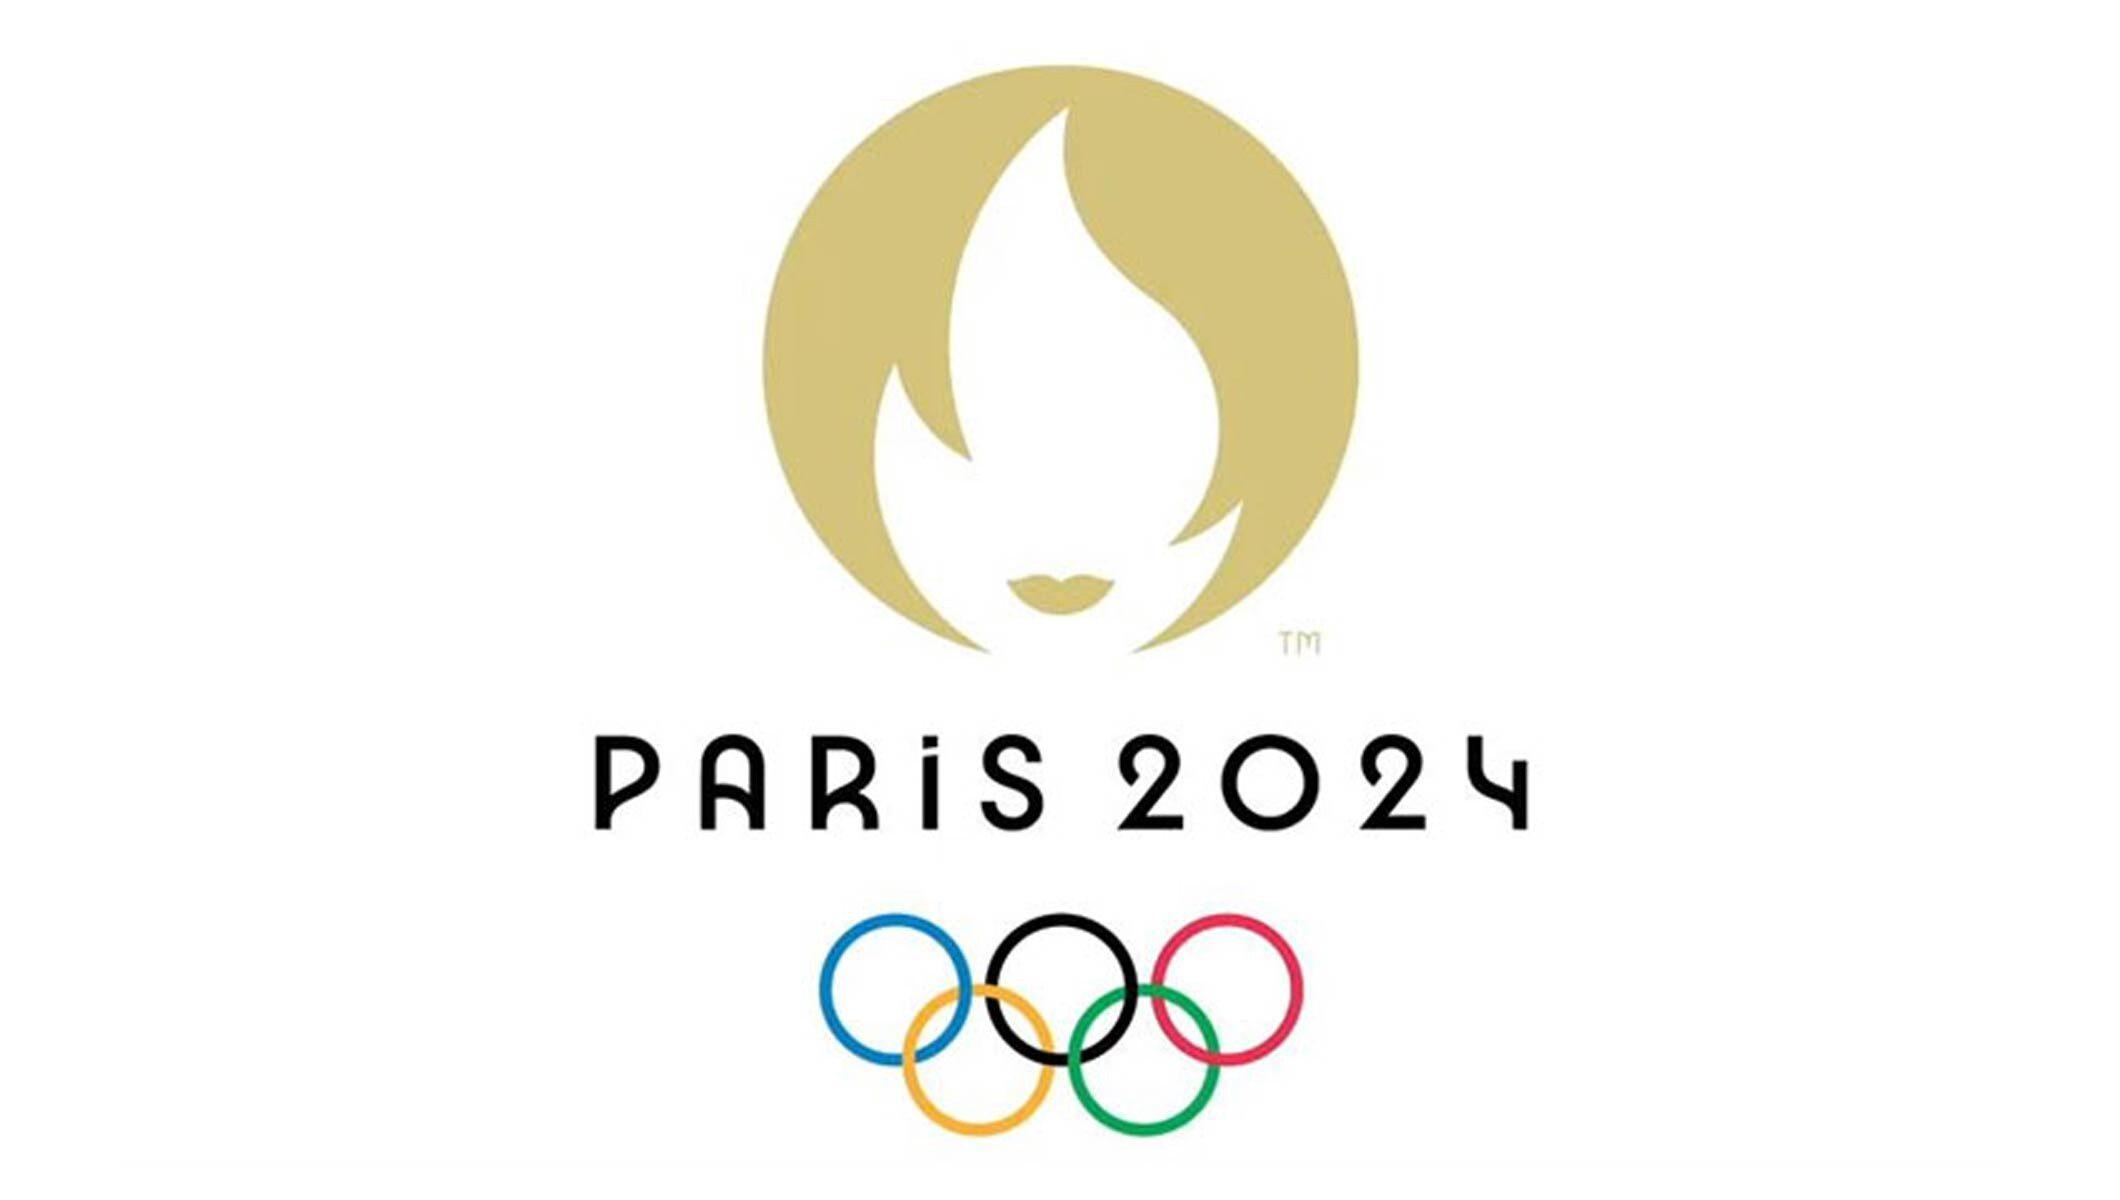 Logotipo de París 2024